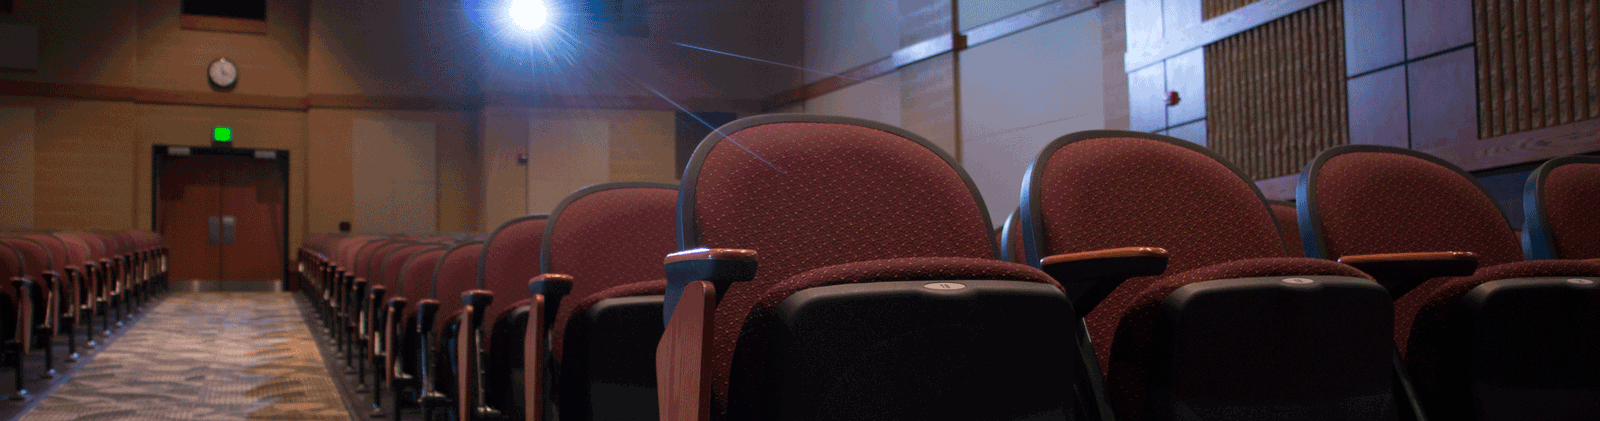 auditorium-2016-2